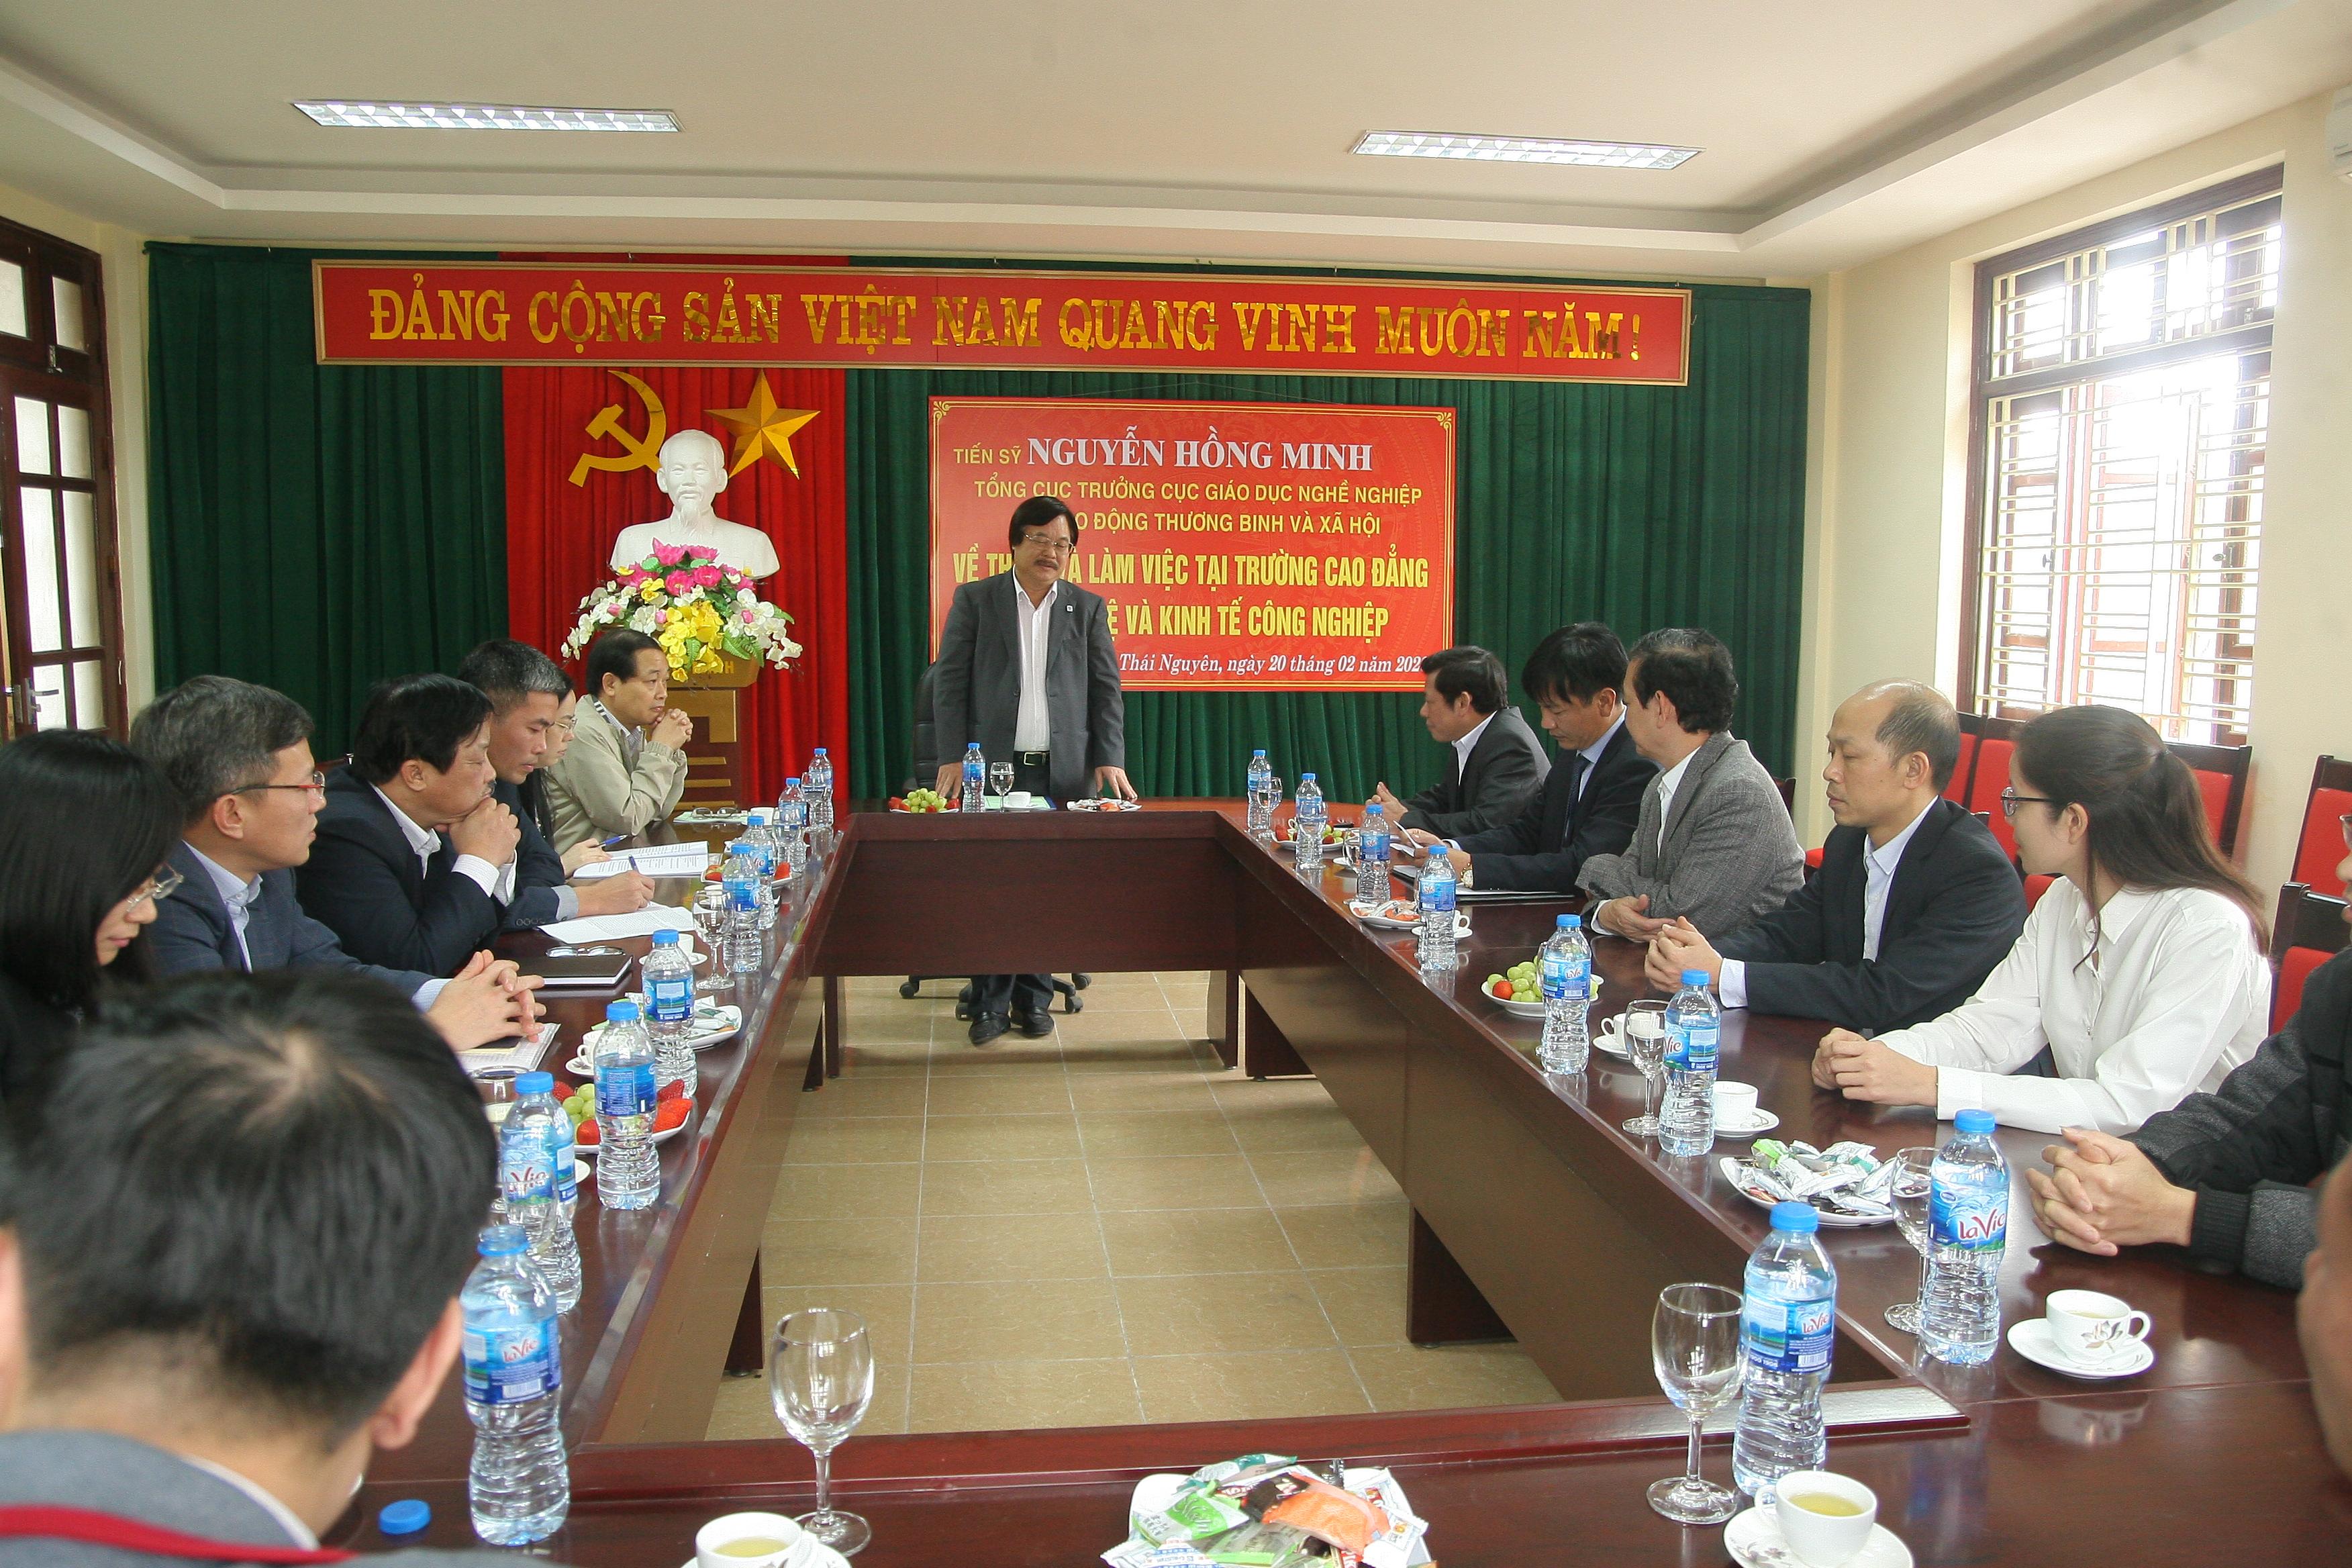 ổng cục trưởng Tổng Cục Giáo dục nghề nghiệp Nguyễn Hồng Minh làm việc với lãnh đạo và cán bộ nhà trường